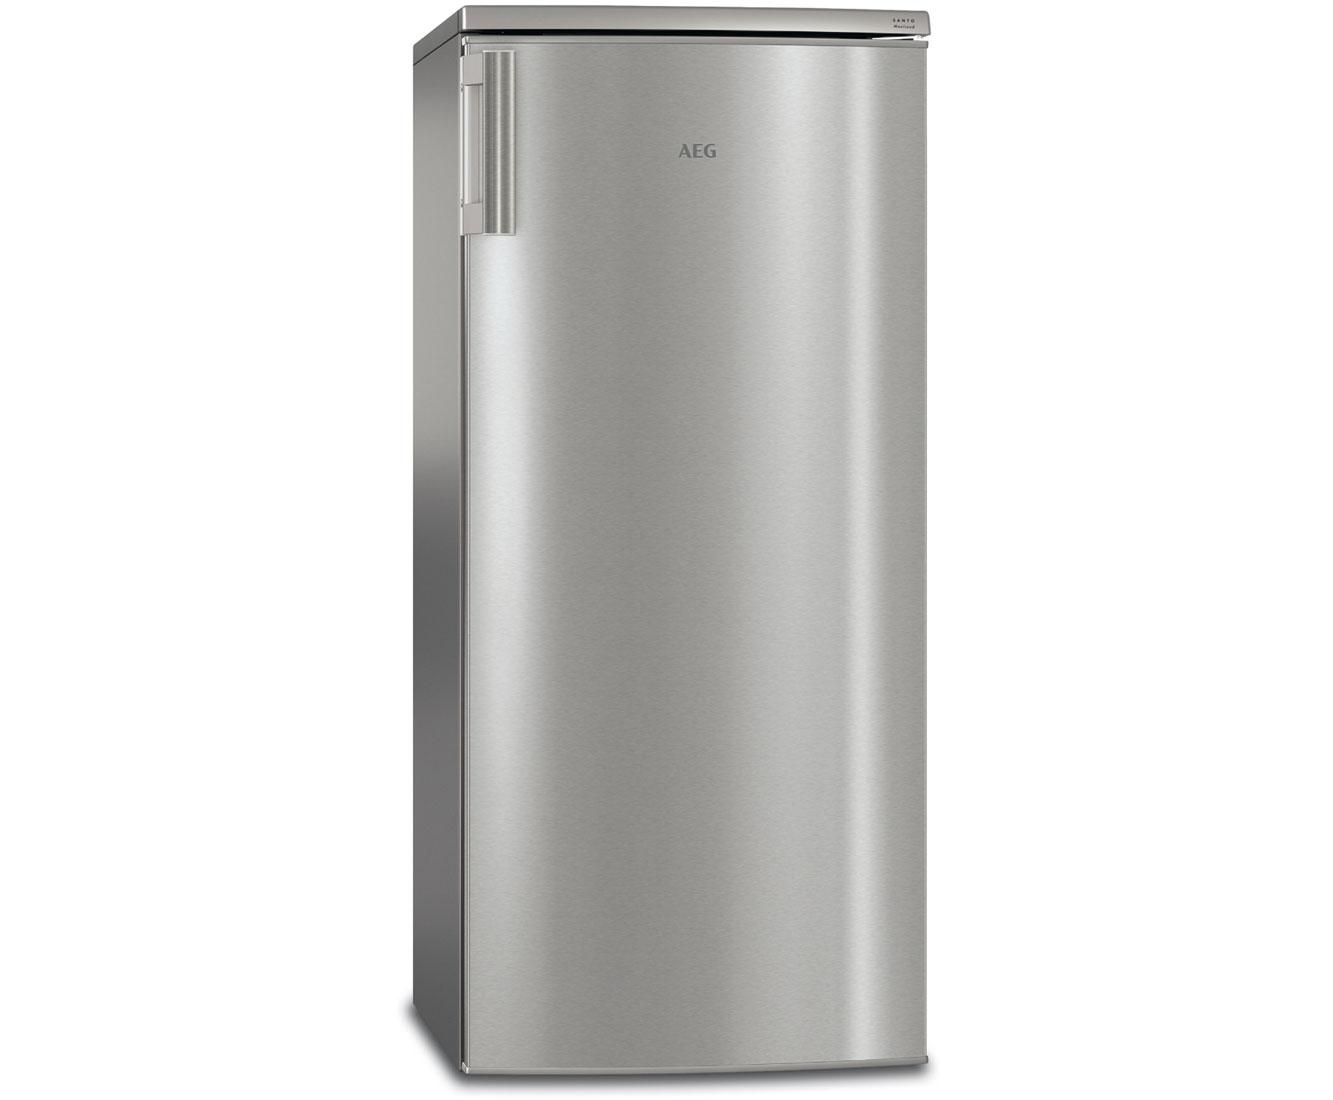 Mini Kühlschrank Gebraucht : Mini kühlschrank glastür kühlschrank glastür kalamera kr ass